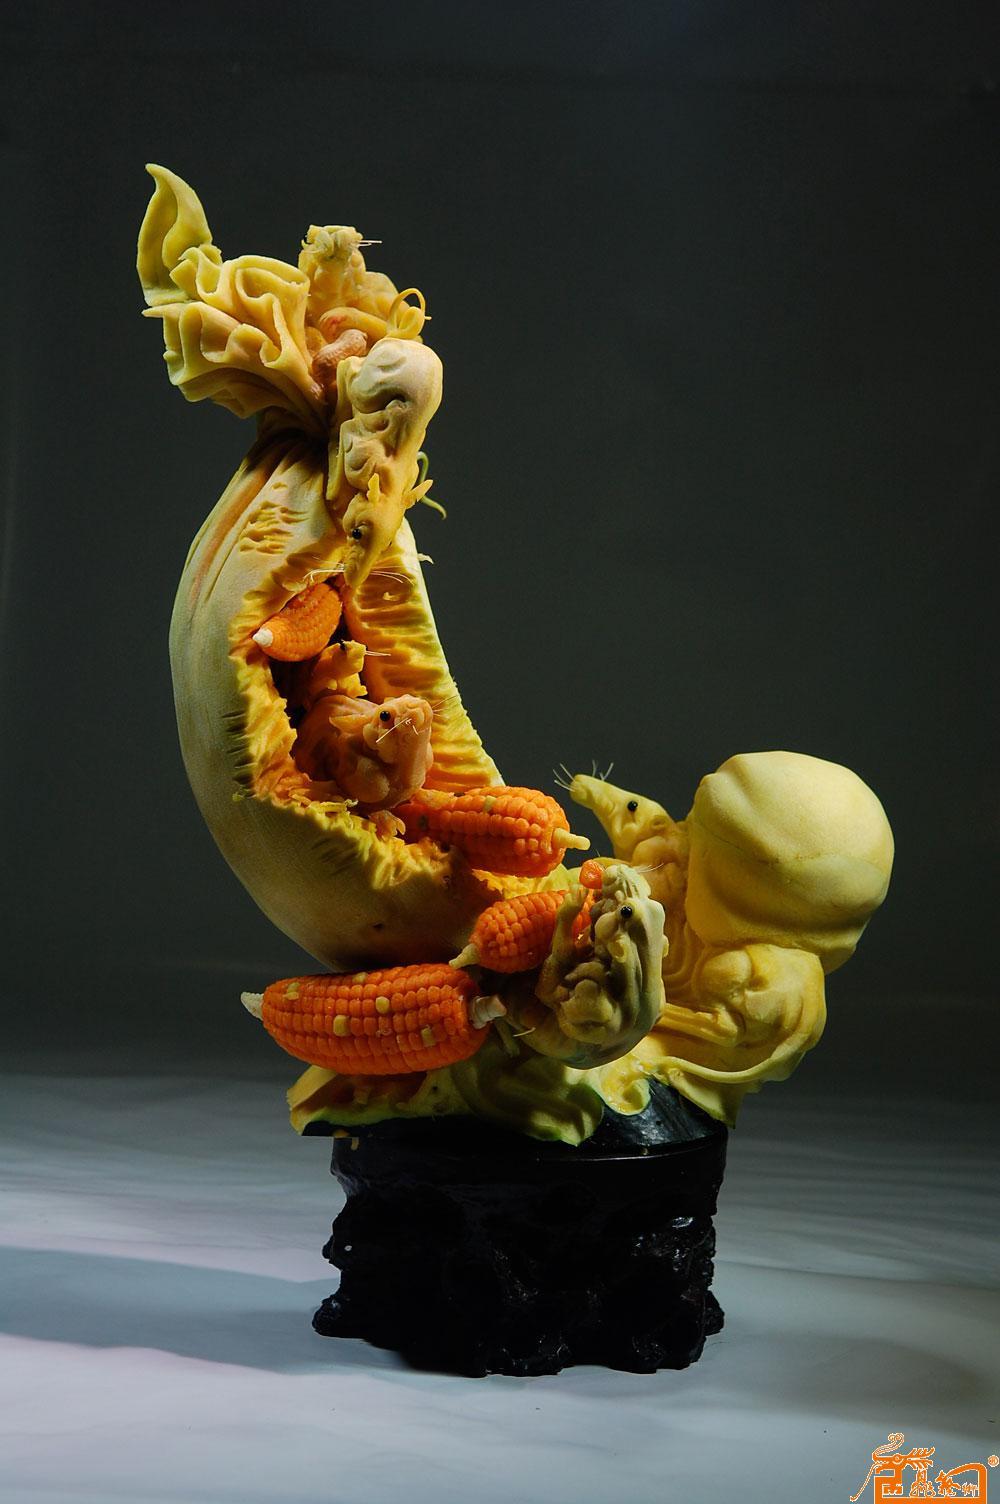 名家 孔令海 国画 - 动物雕刻老鼠作品7